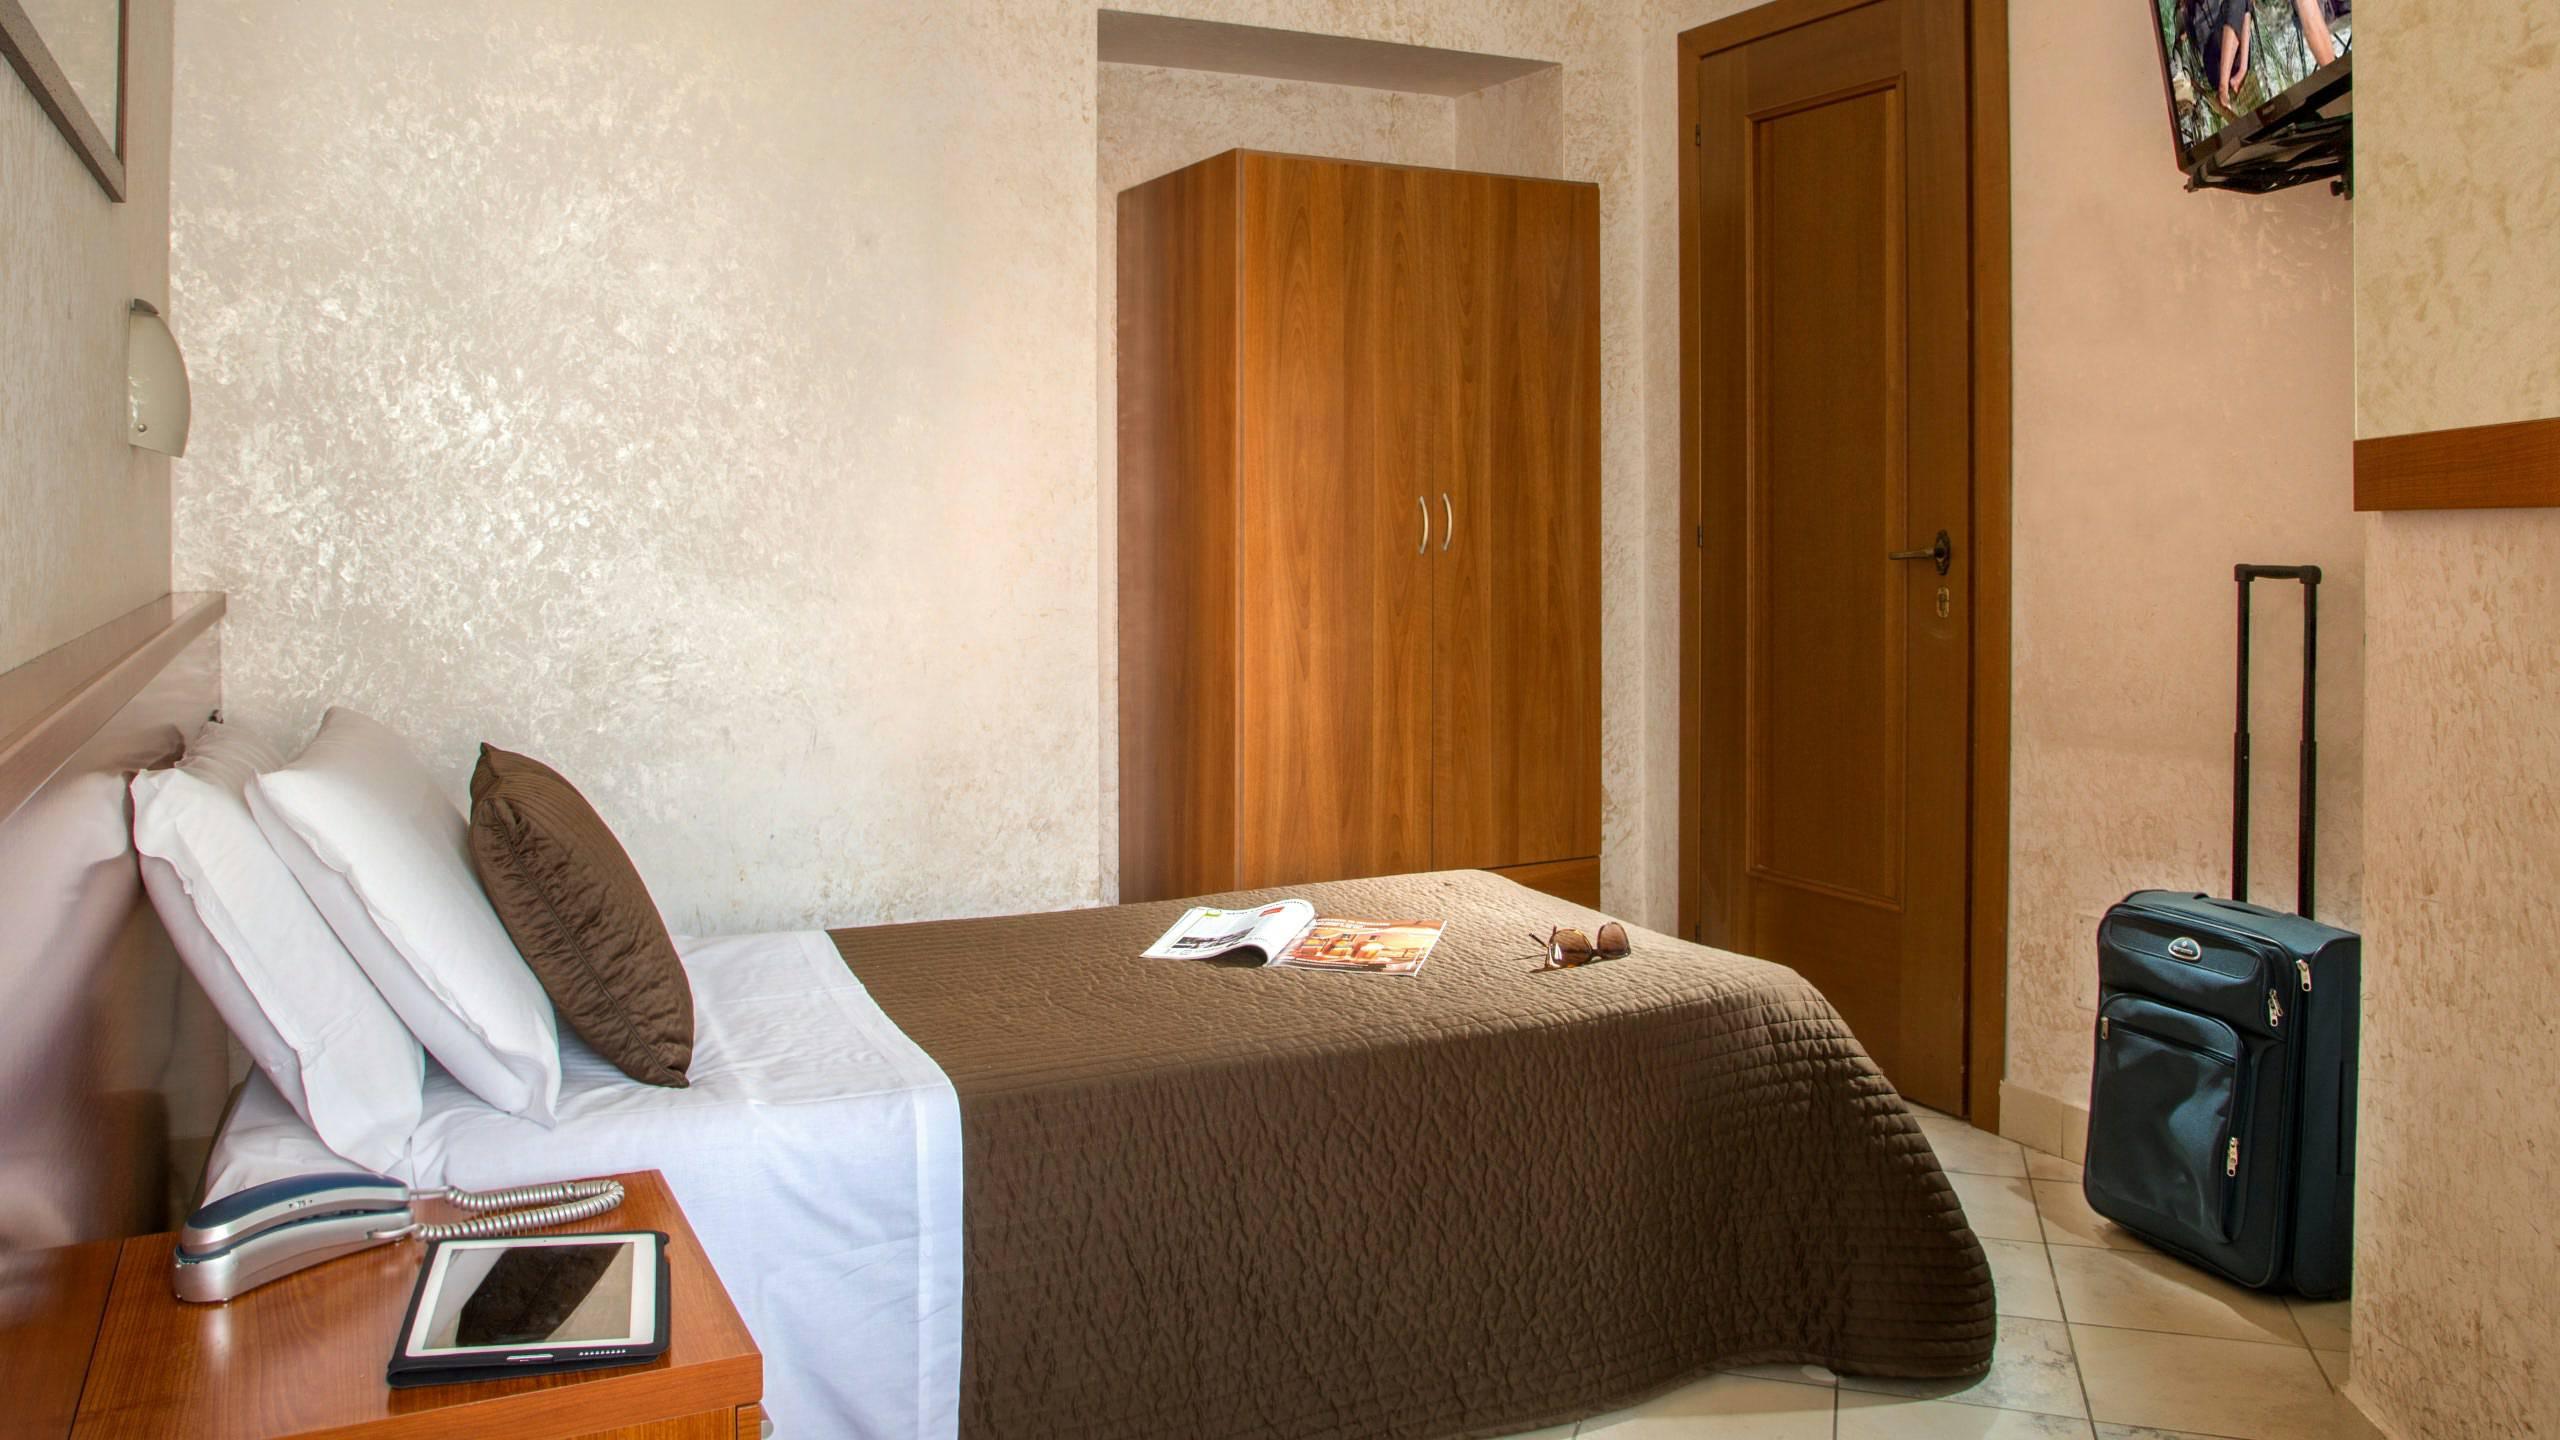 Hotel luciani roma sito ufficiale for Sito camera